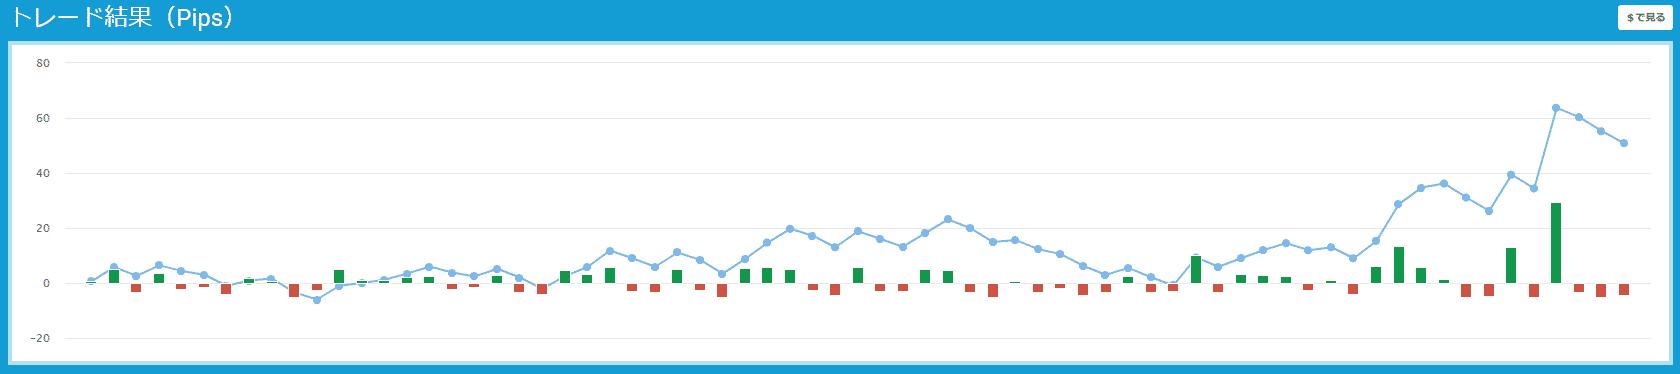 プロップトレーダーチャート155